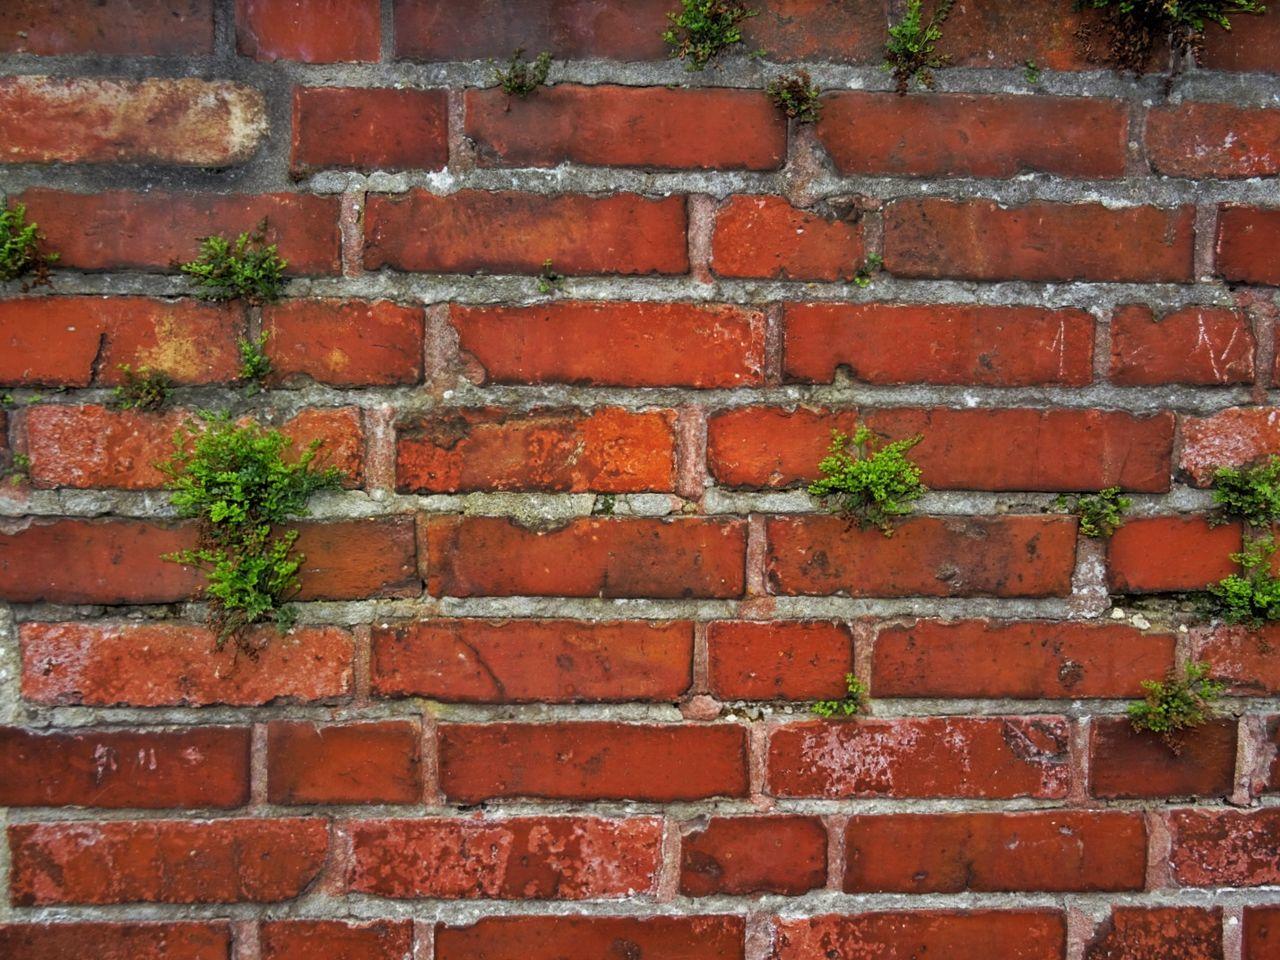 Bricks Brick Wall Bricks Wall Background Brick Wall With Flowers Backgrounds Background Background Texture Brickwall Brickporn Bricks Contrast Red And Green Ziegel Ziegelmauer Ziegelmauer Mit Pflanzen Hintergrund Hintergrundbilder Hintergrundbild Ziegelsteine Wallpaper Wall Art Walls Wallpapers Brickwork  Bricks In The Wall Wanderlust